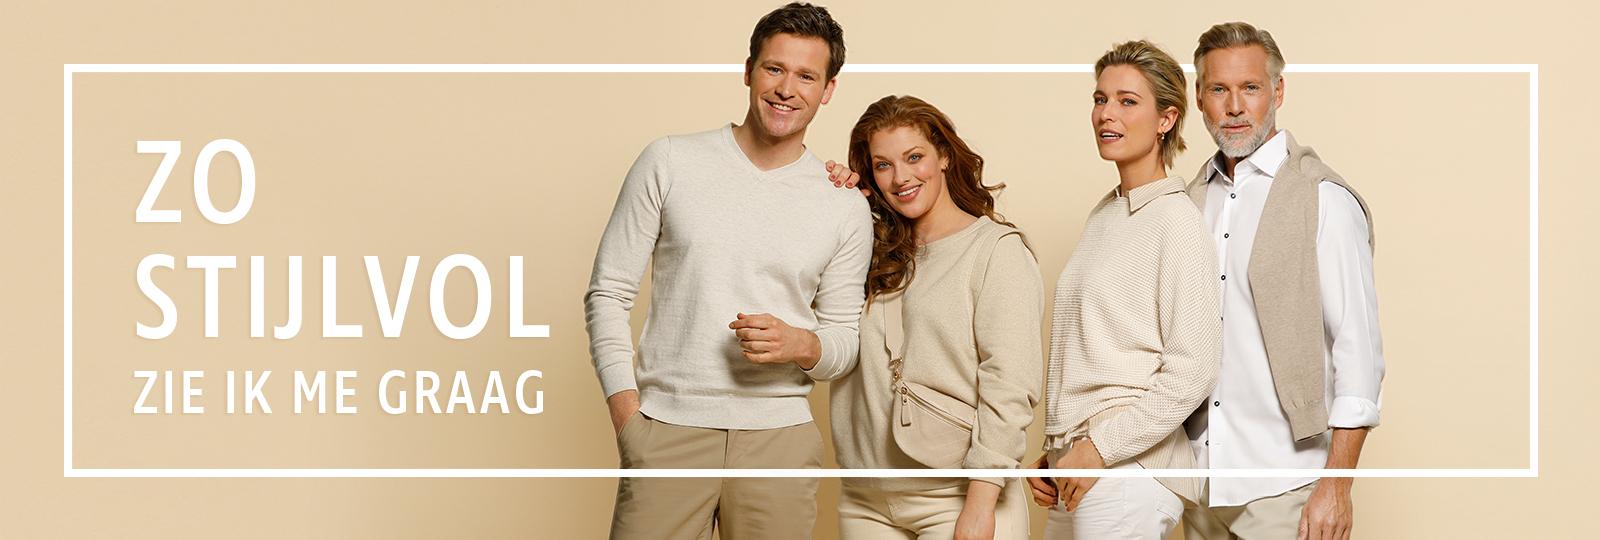 imagocampagne outfits voor alle stijlen en leeftijden